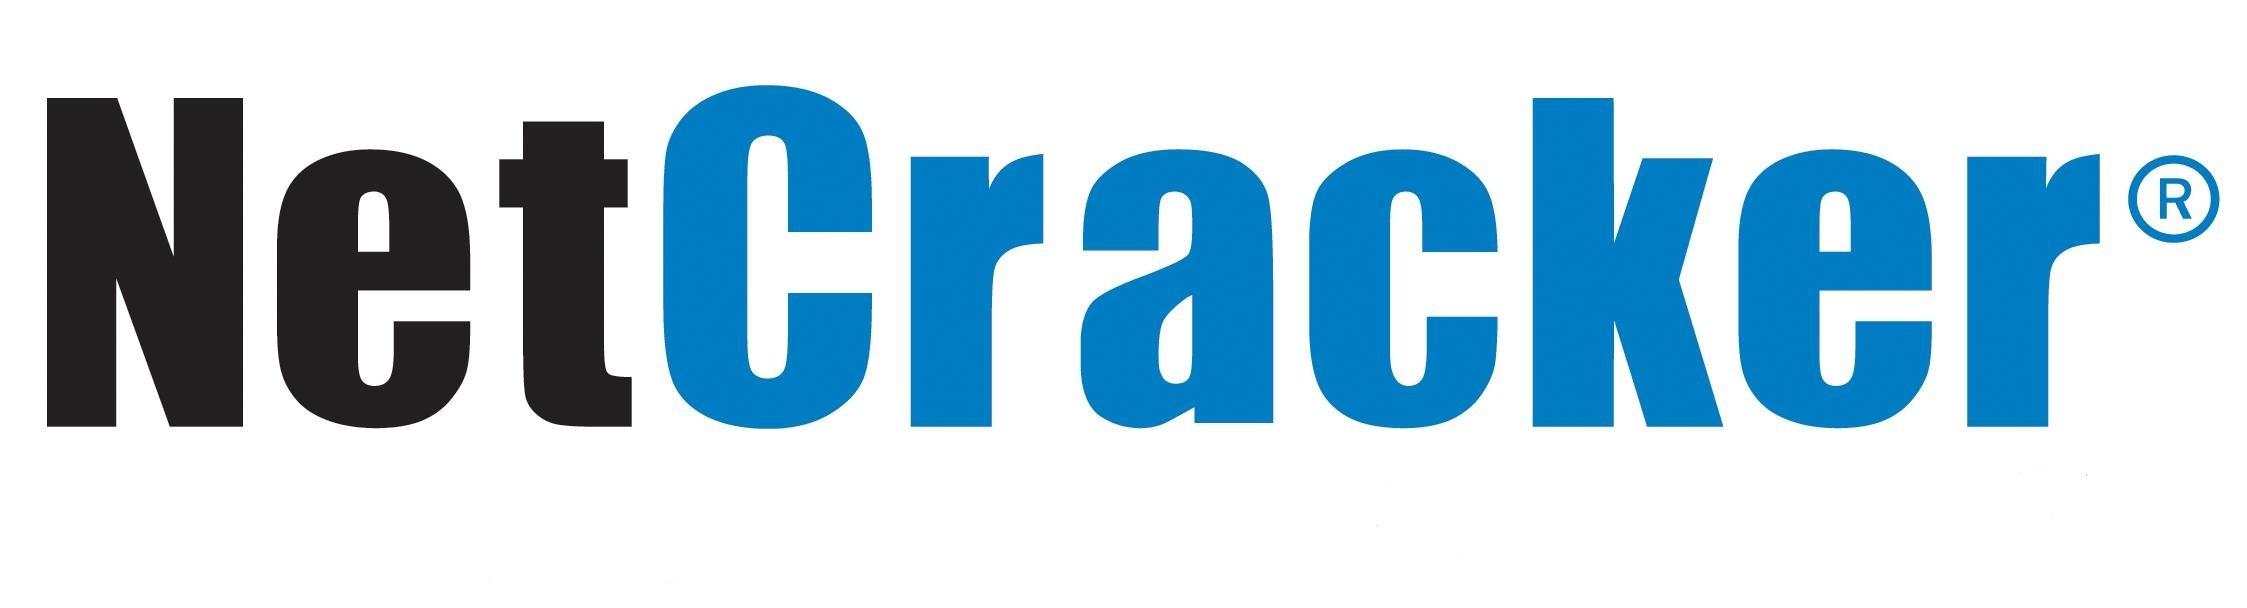 отзывы о работодателе netcracker